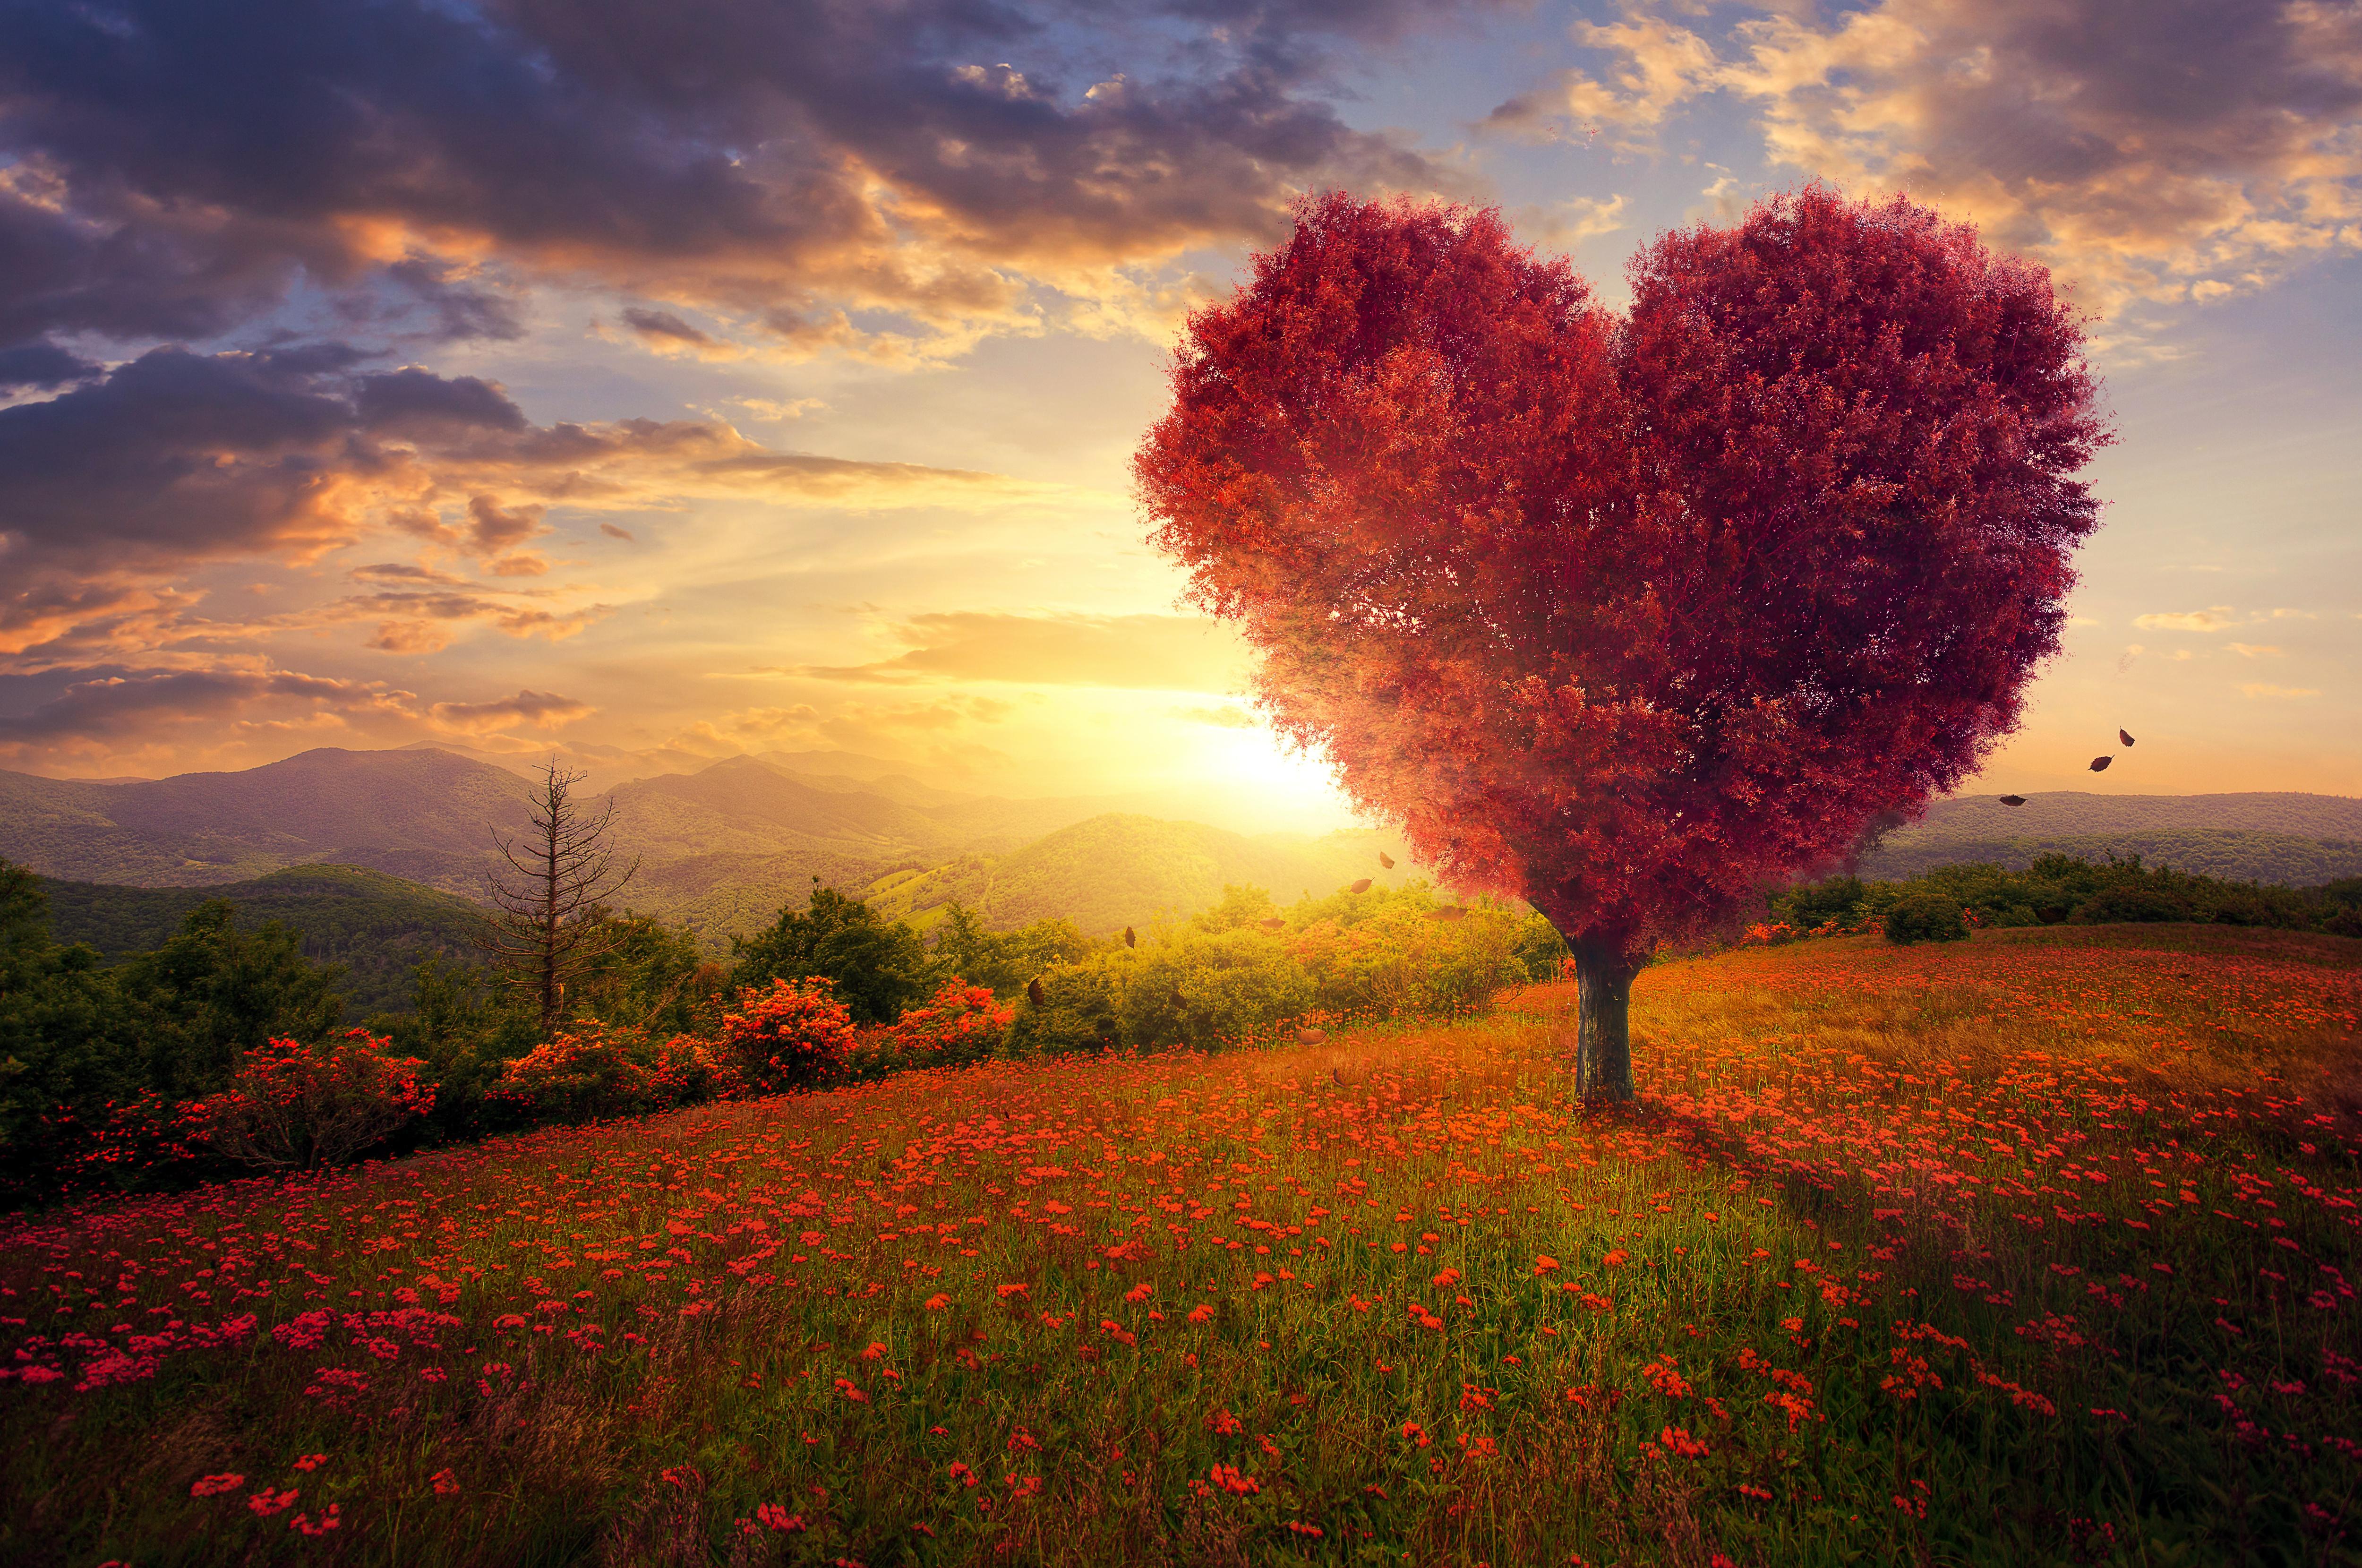 картинки дерево любви горе-рыбаки перестают